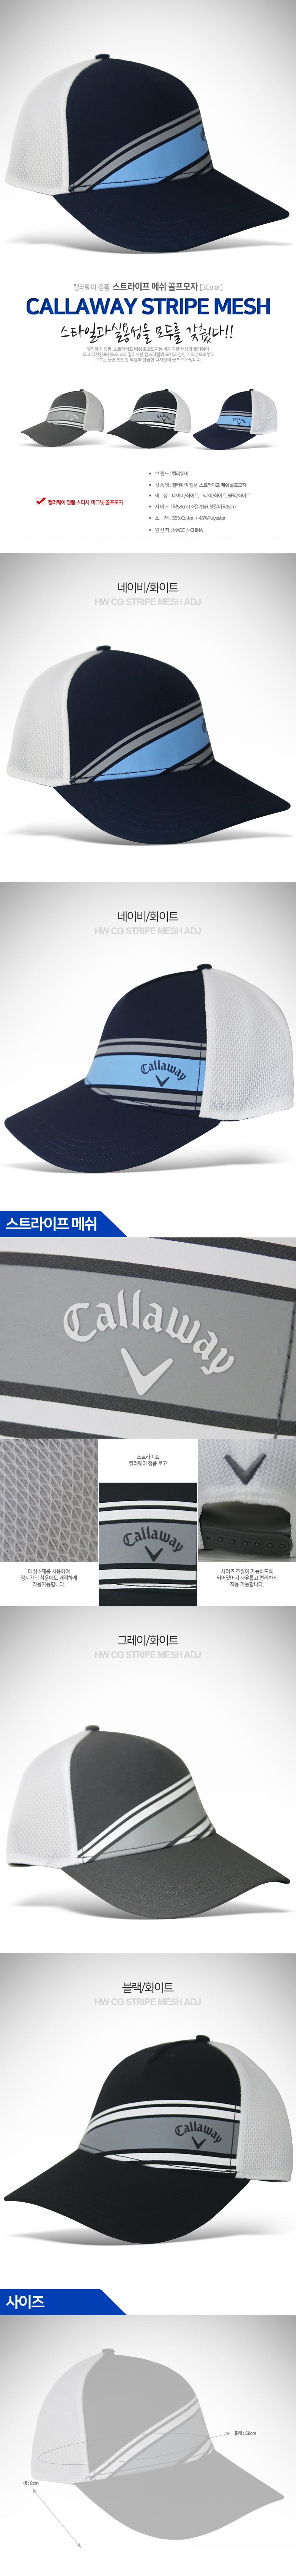 callaway_stripe-mesh_cap.jpg